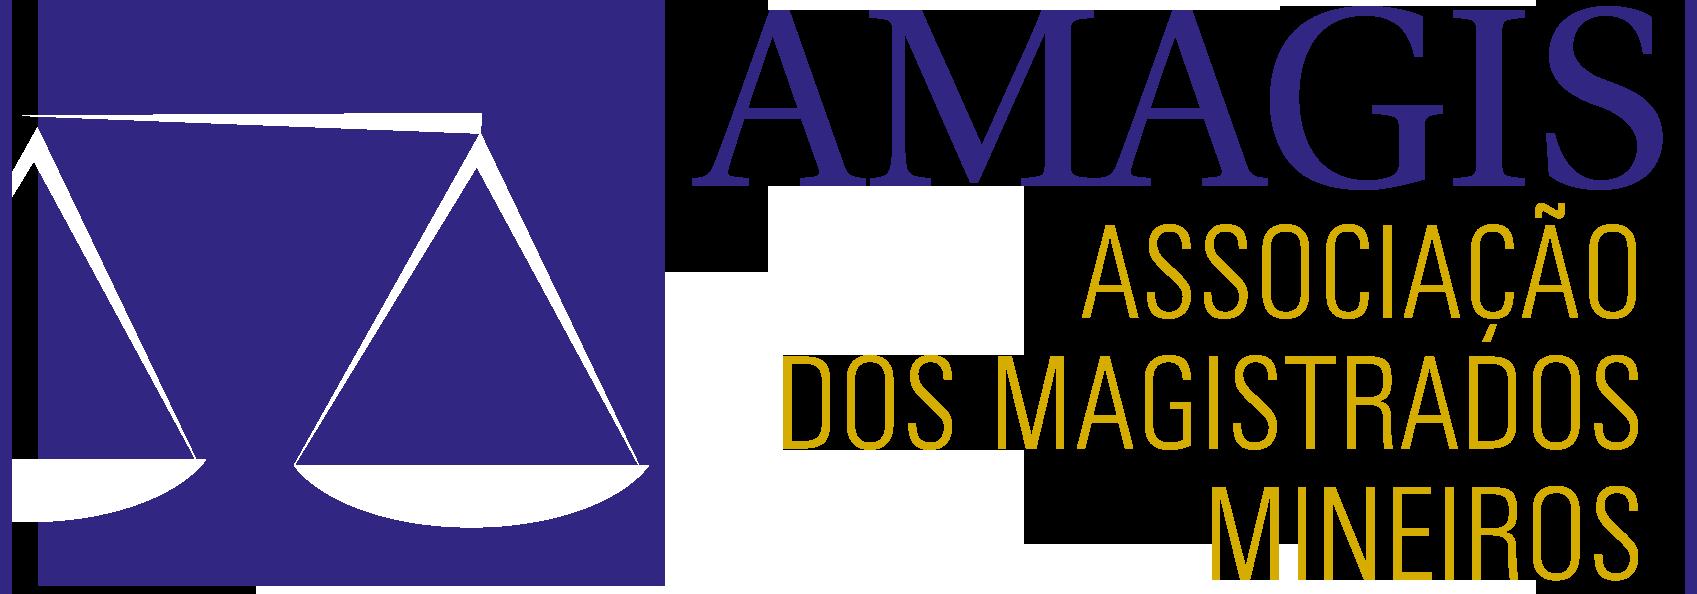 Logomarca da Associação dos Magistrados Mineiros